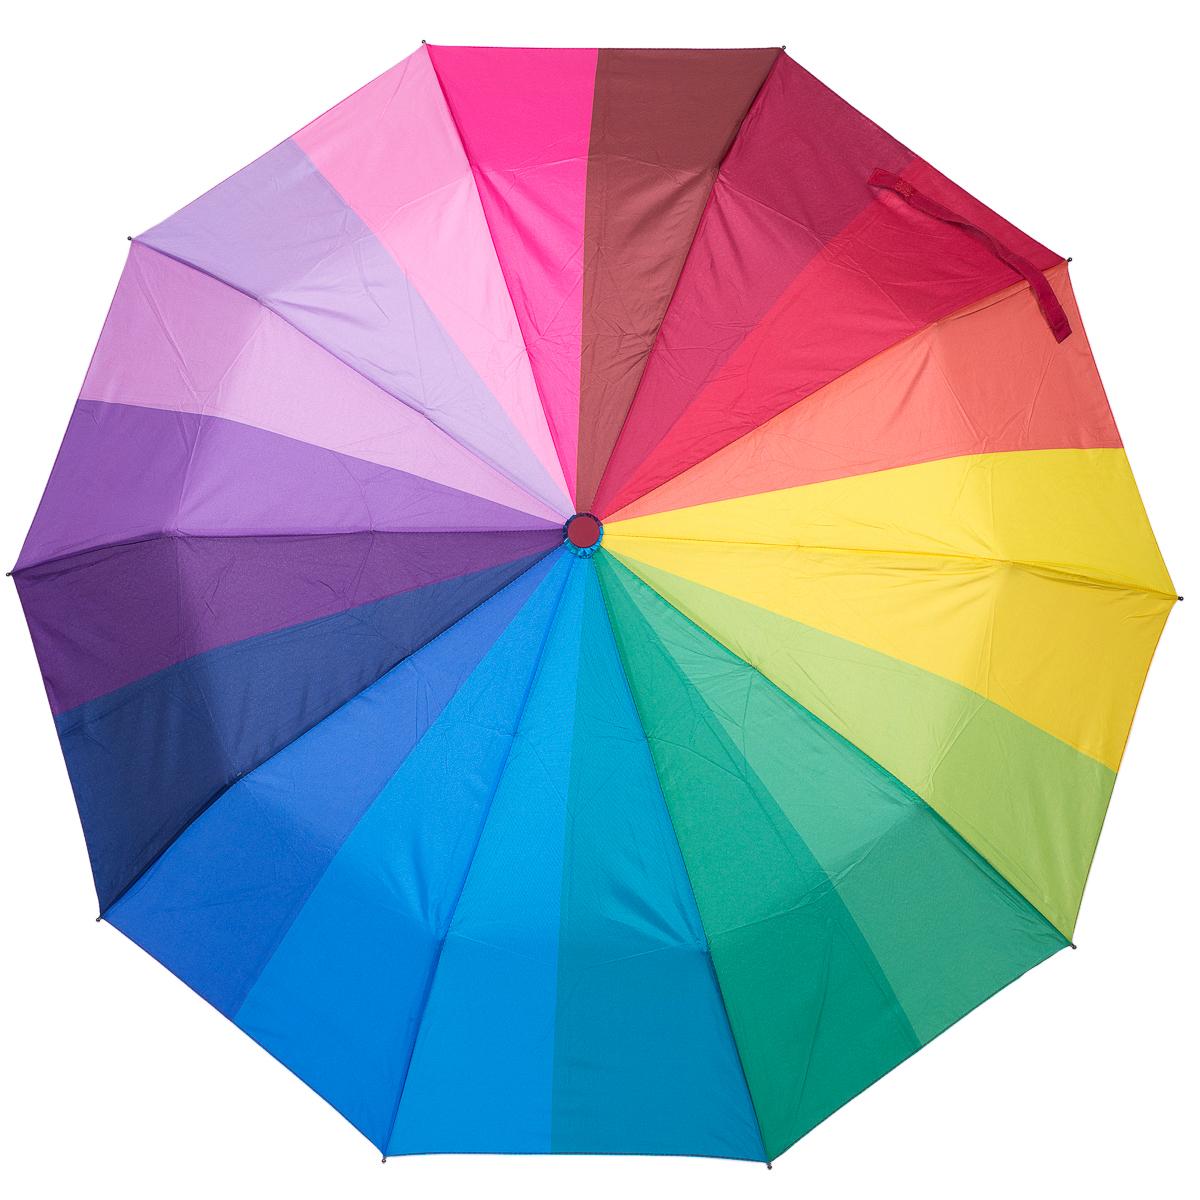 Зонт женский Nuages, автомат, 3 сложения, цвет: мультиколор. NZ873Бусы-ошейникЭлегантный женский зонт Nuages выполнен из полиэстера и пластика. Зонт имеет расцветку радуга, которая несомненно поднимет настроение в ненастную погоду.. Он имеет конструкцию в 3 сложения, полный автомат, систему антиветер. В комплекте чехол для зонта.Вес - 450 грамм.